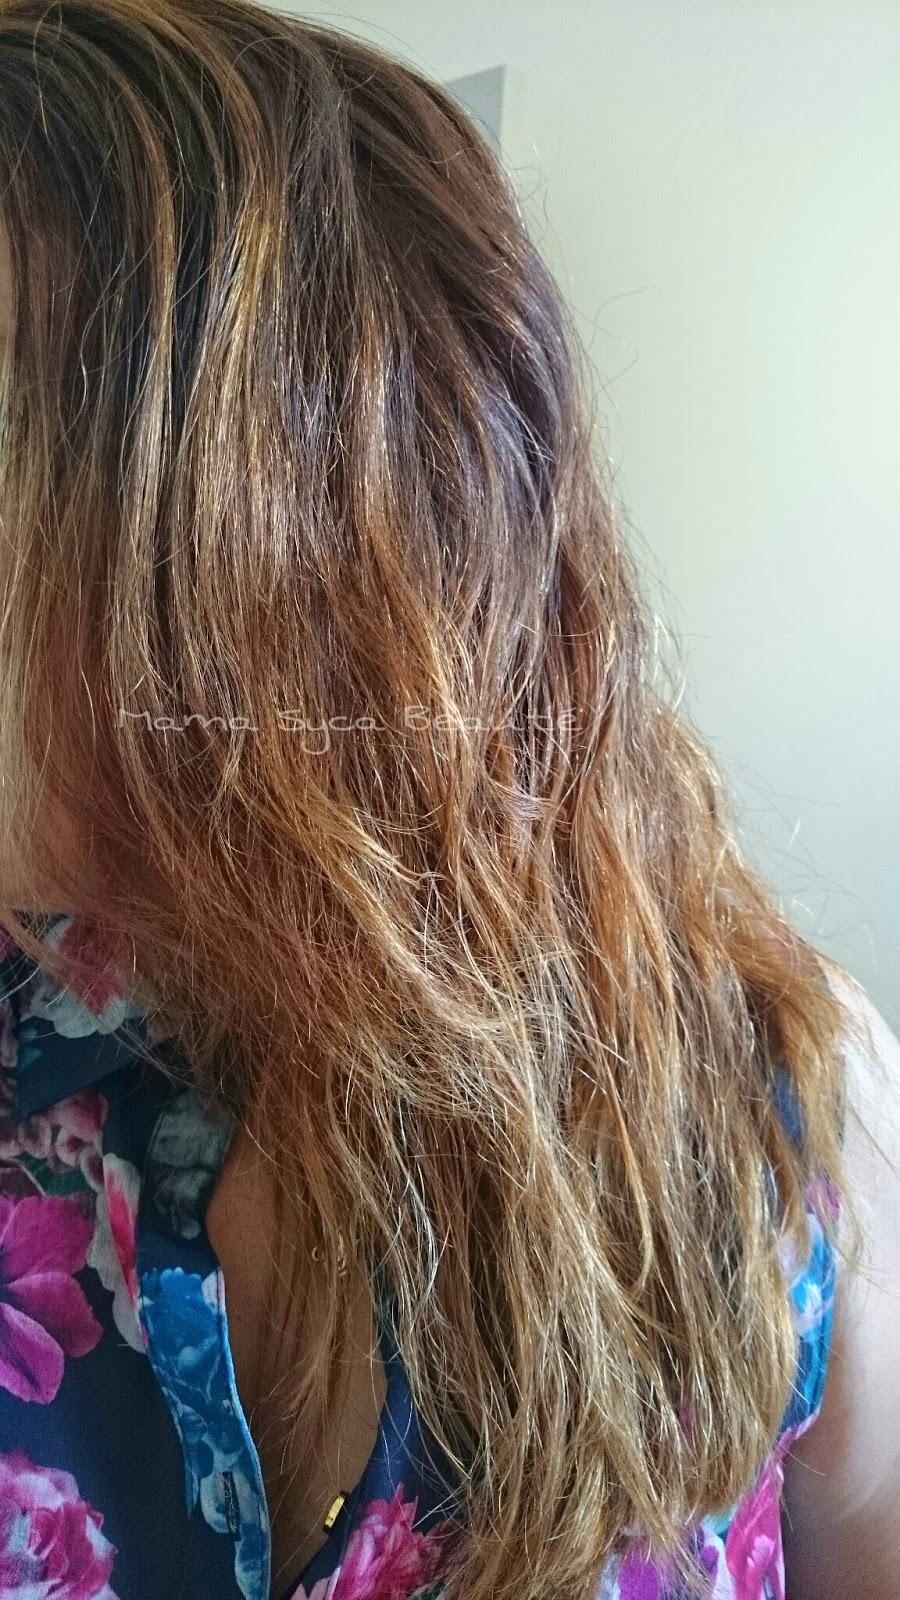 que la diffrence est visible par contre ce que vous ne voyez pas cest la douceur jadoooooore mes cheveux aprs ce soin ils sont super mga doux 3 - Soin Cheveux Blond Colors